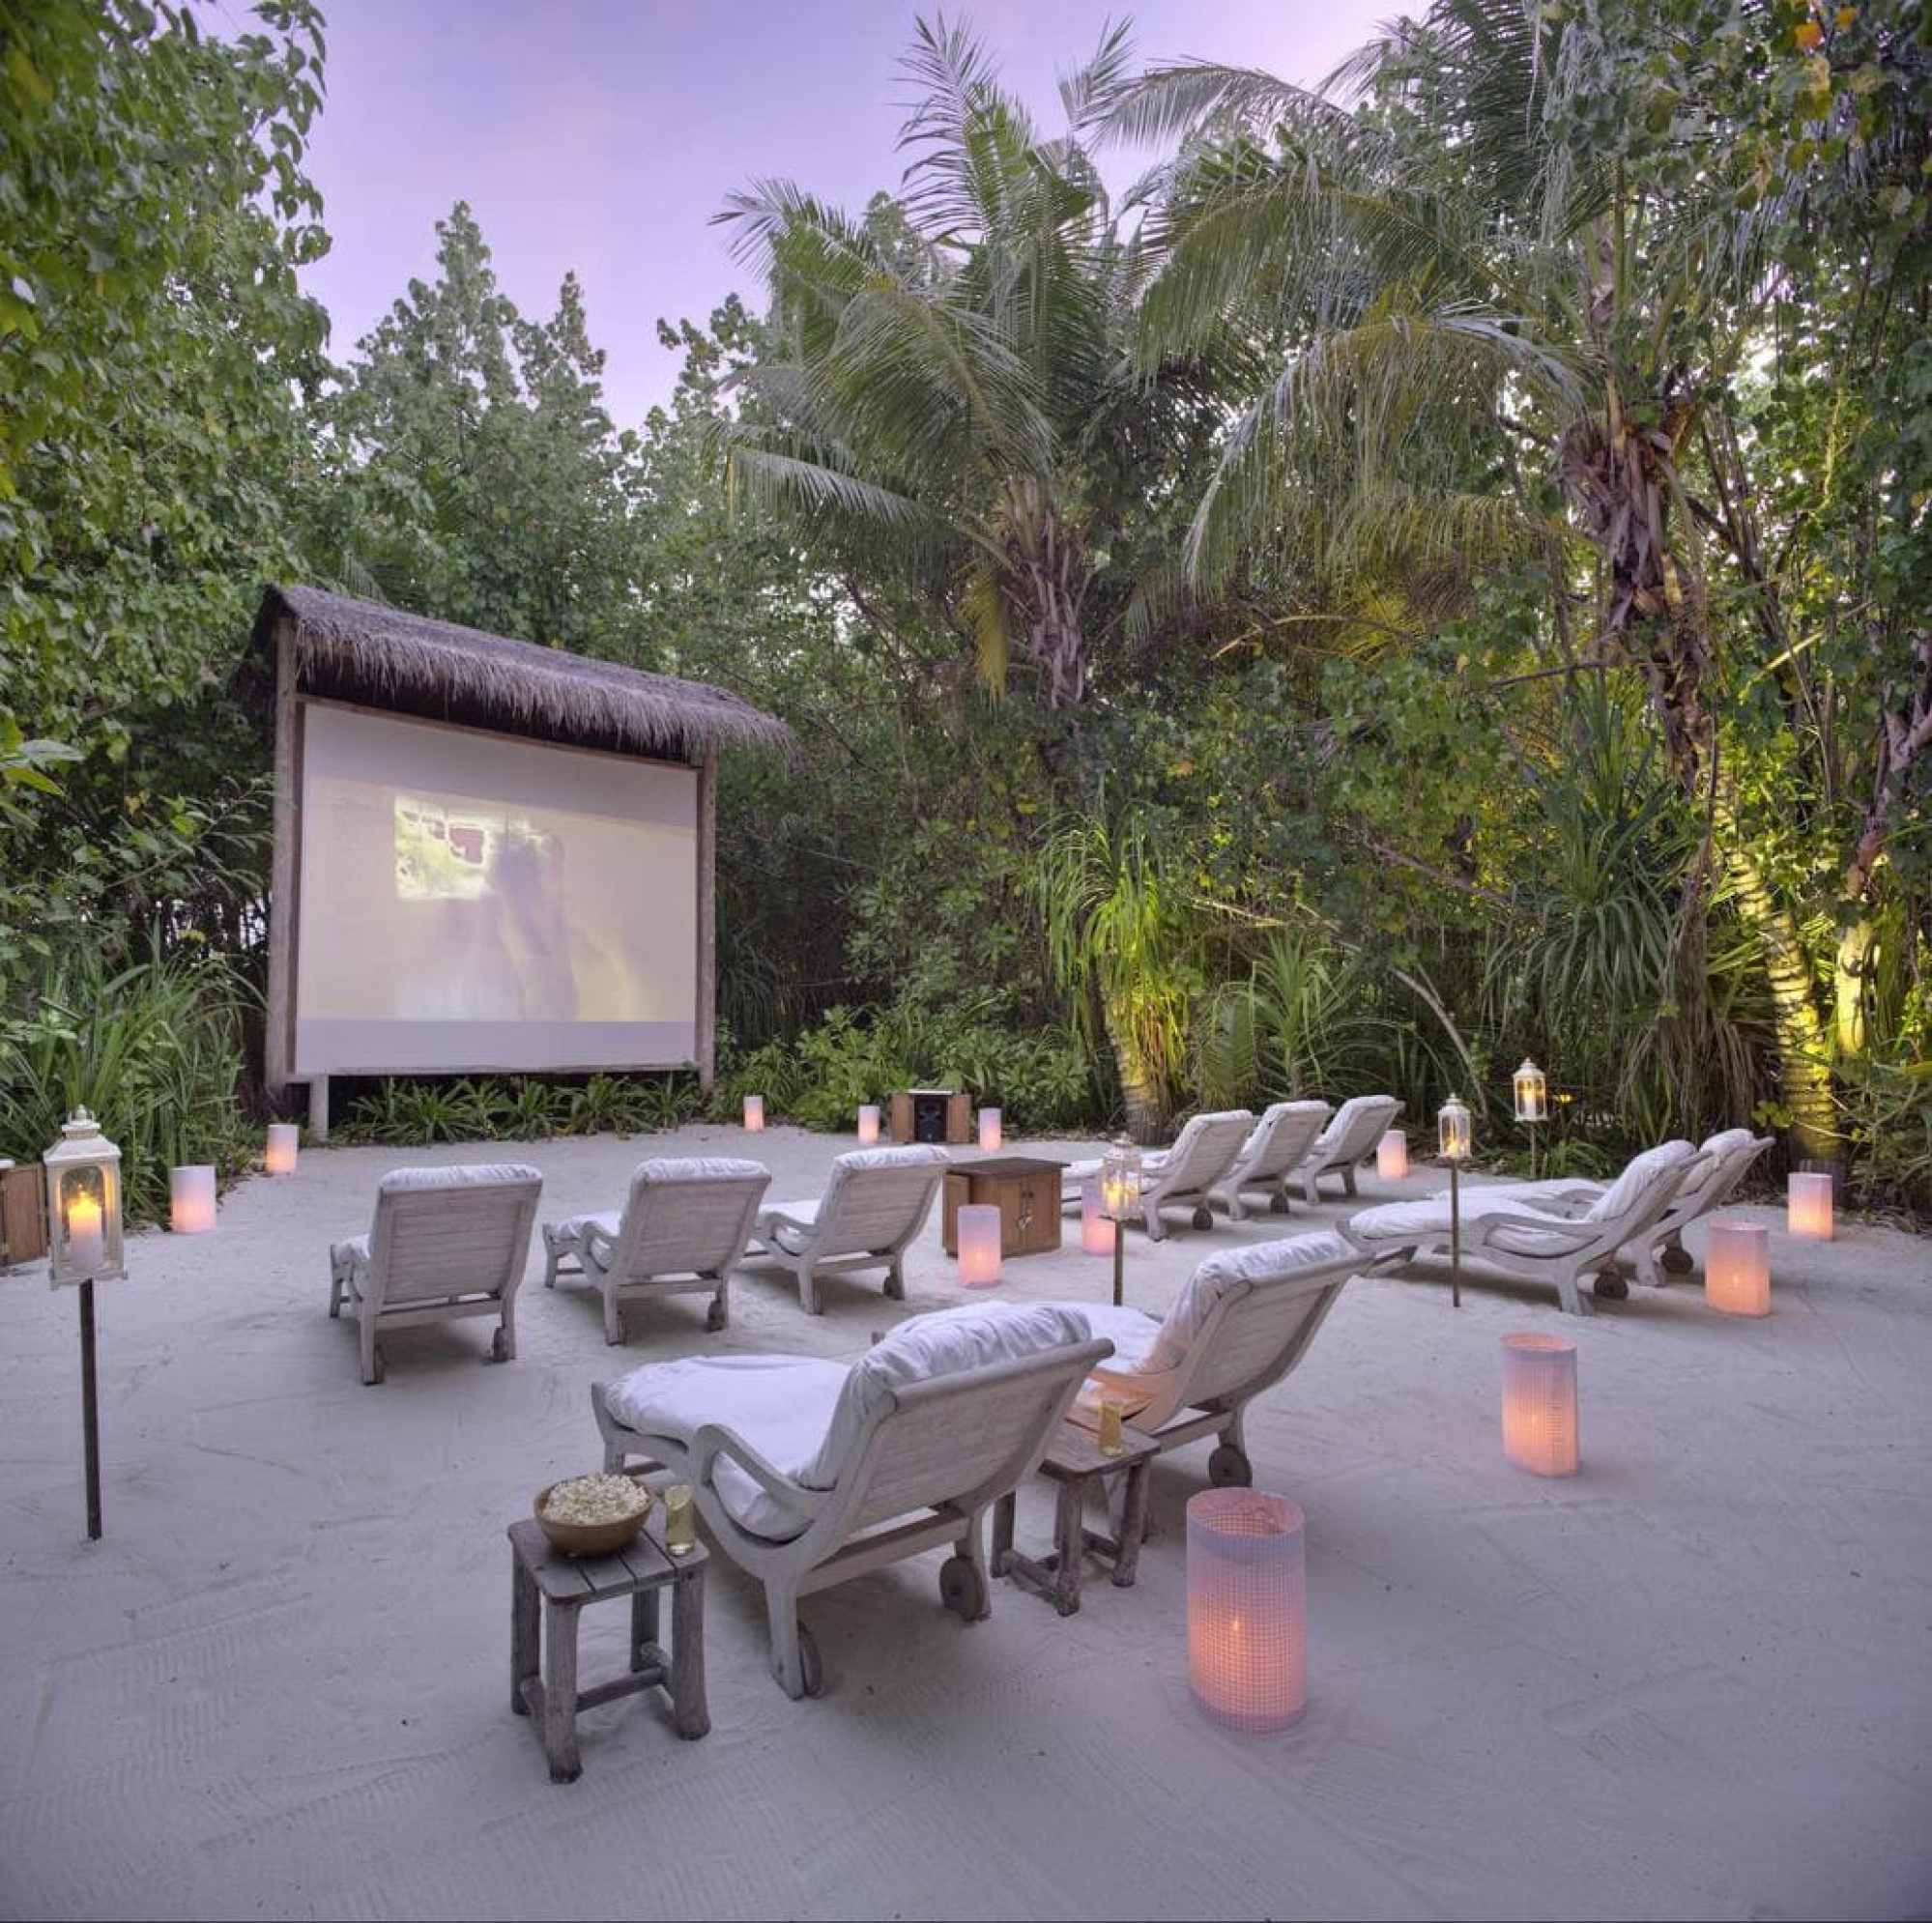 Jungle Cinema at Gili Lankanfushi - Courtesy of Gili Lankanfushi